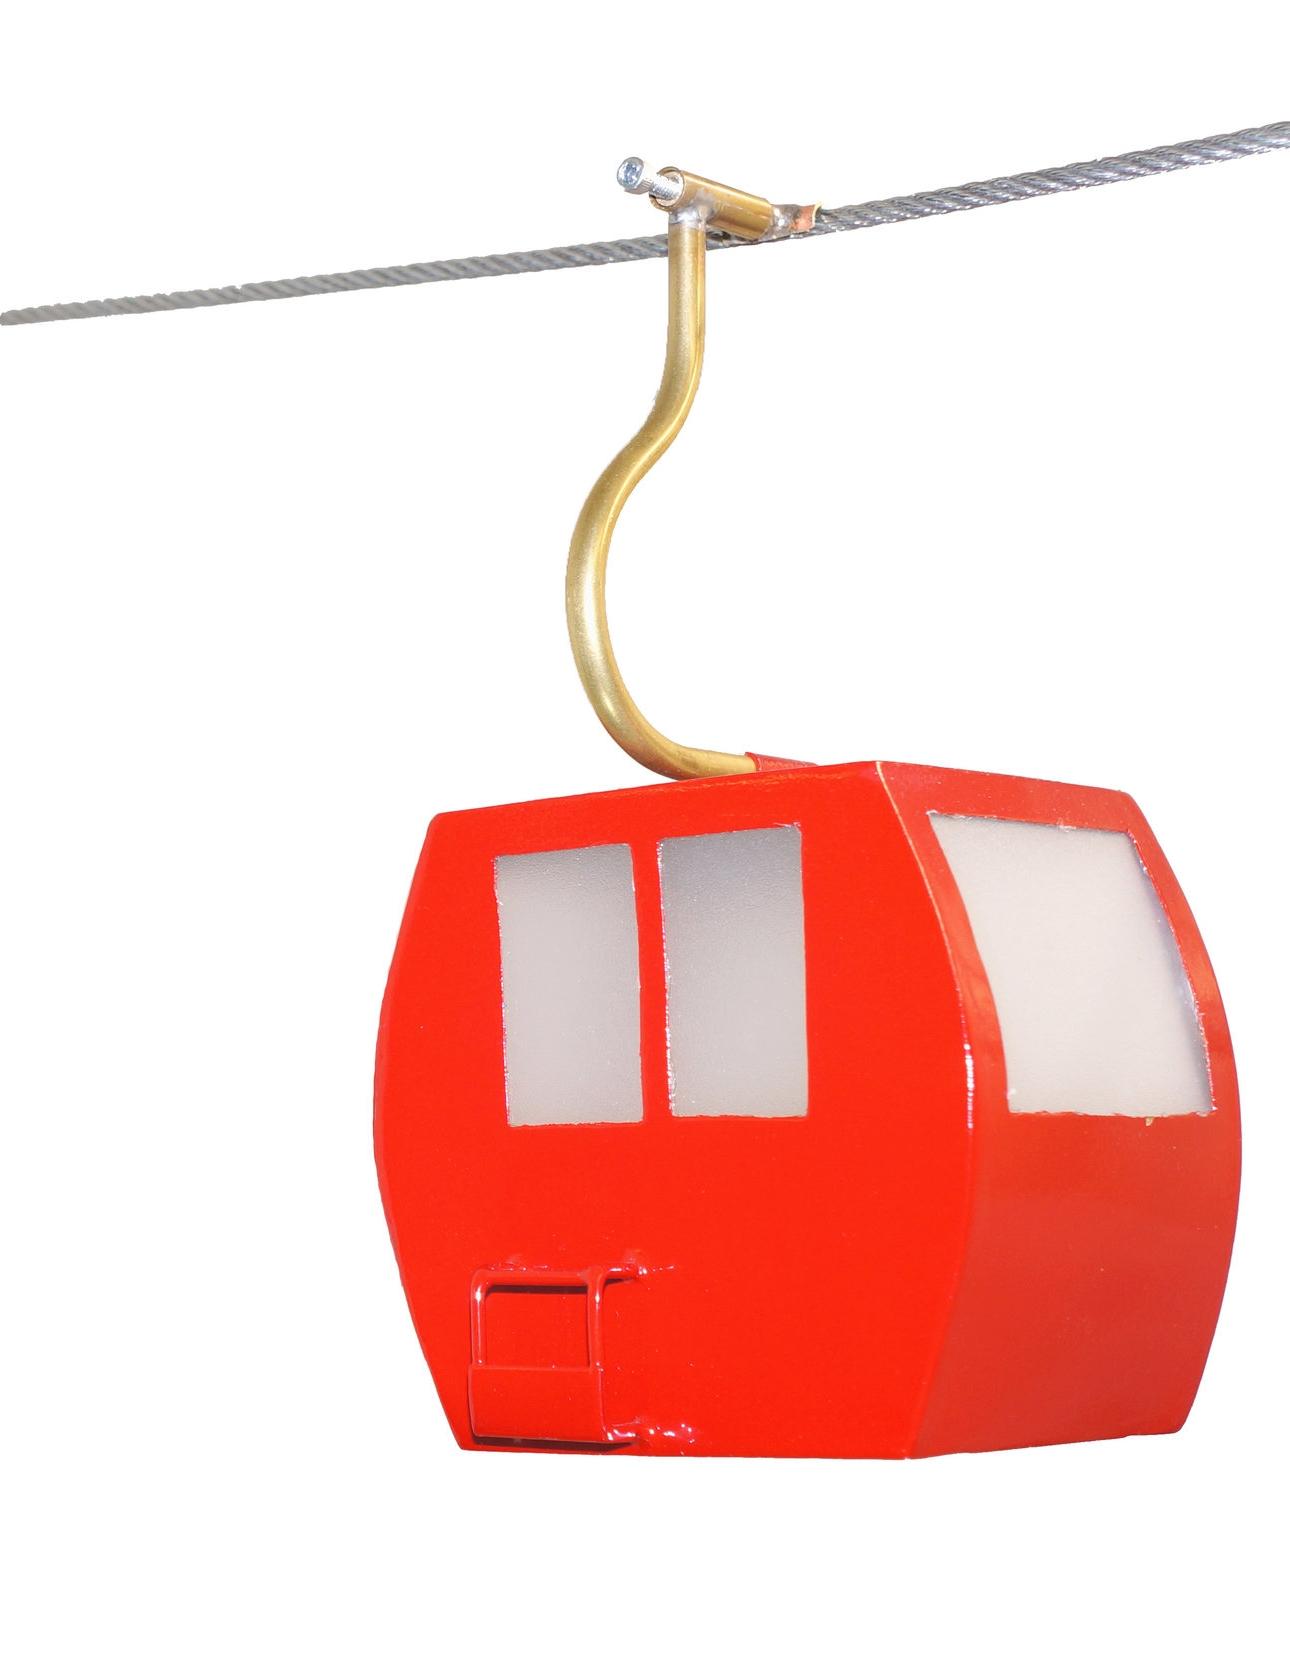 Toy Gondola - A toy concept